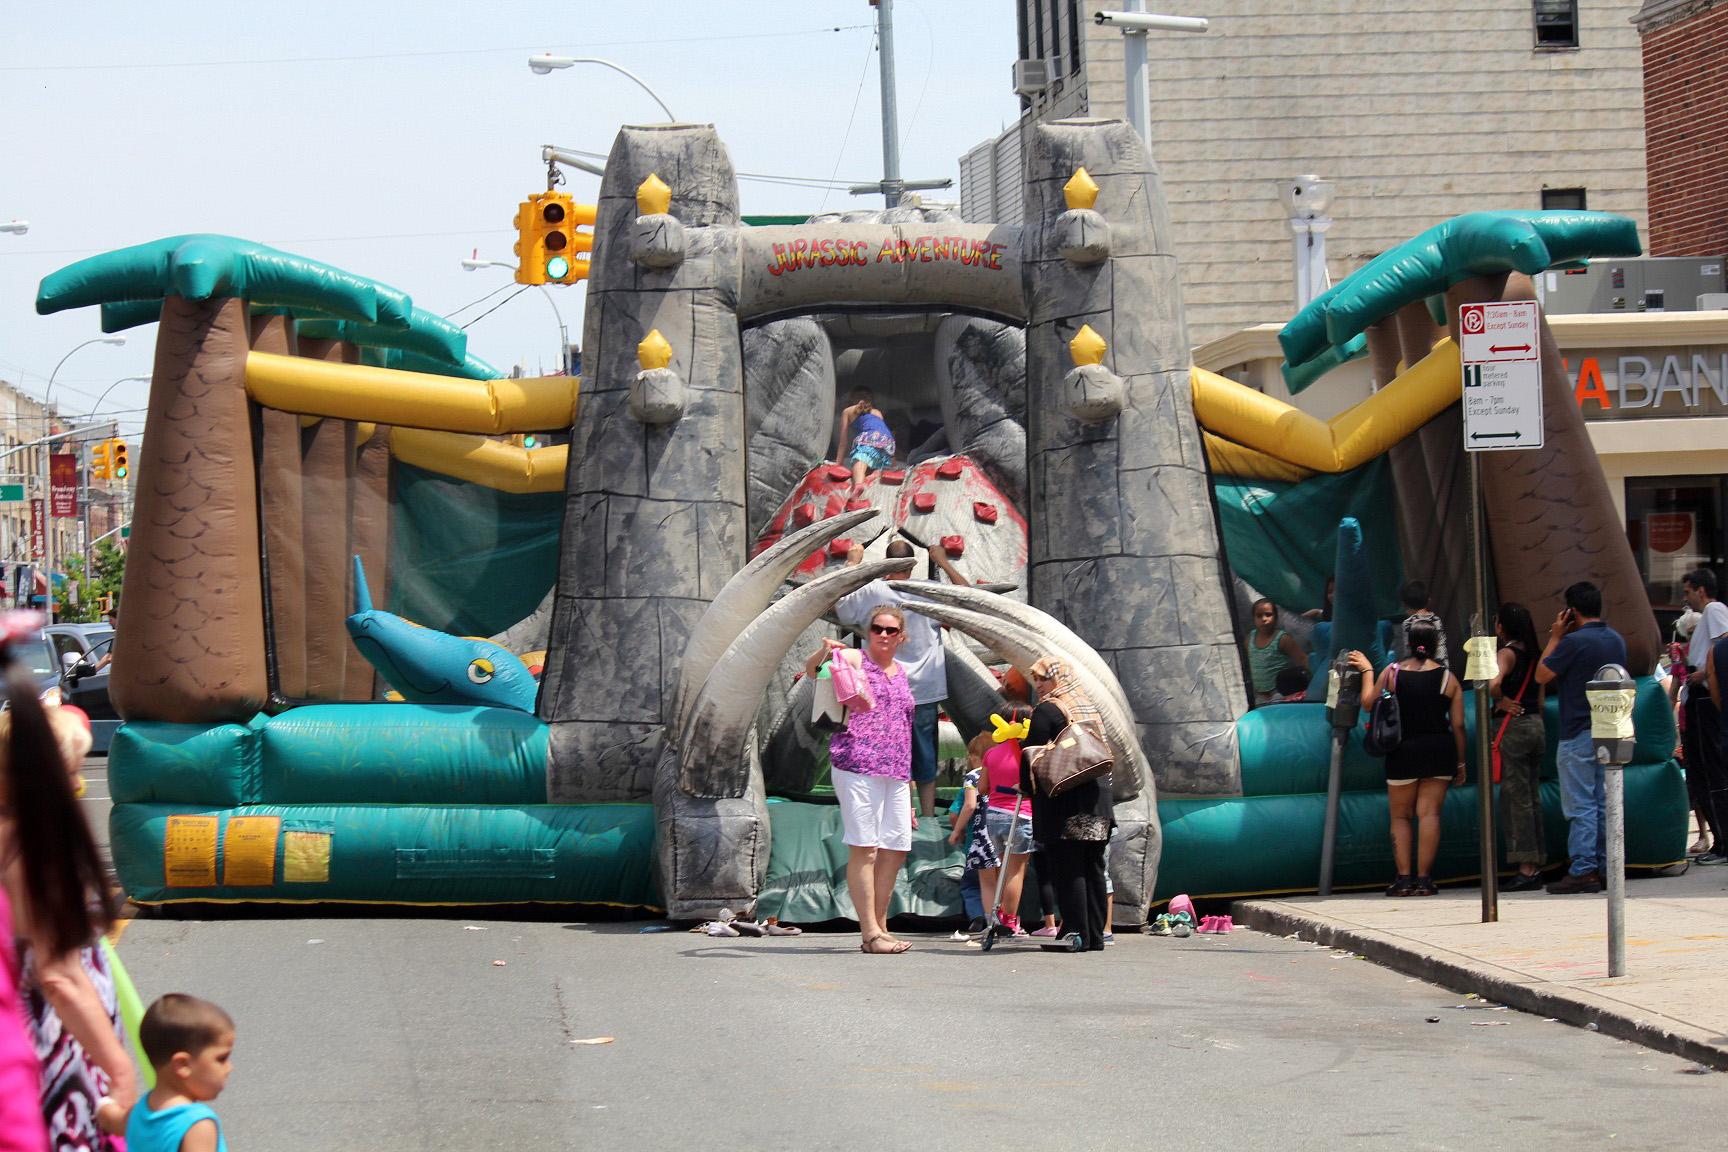 Street festival 10